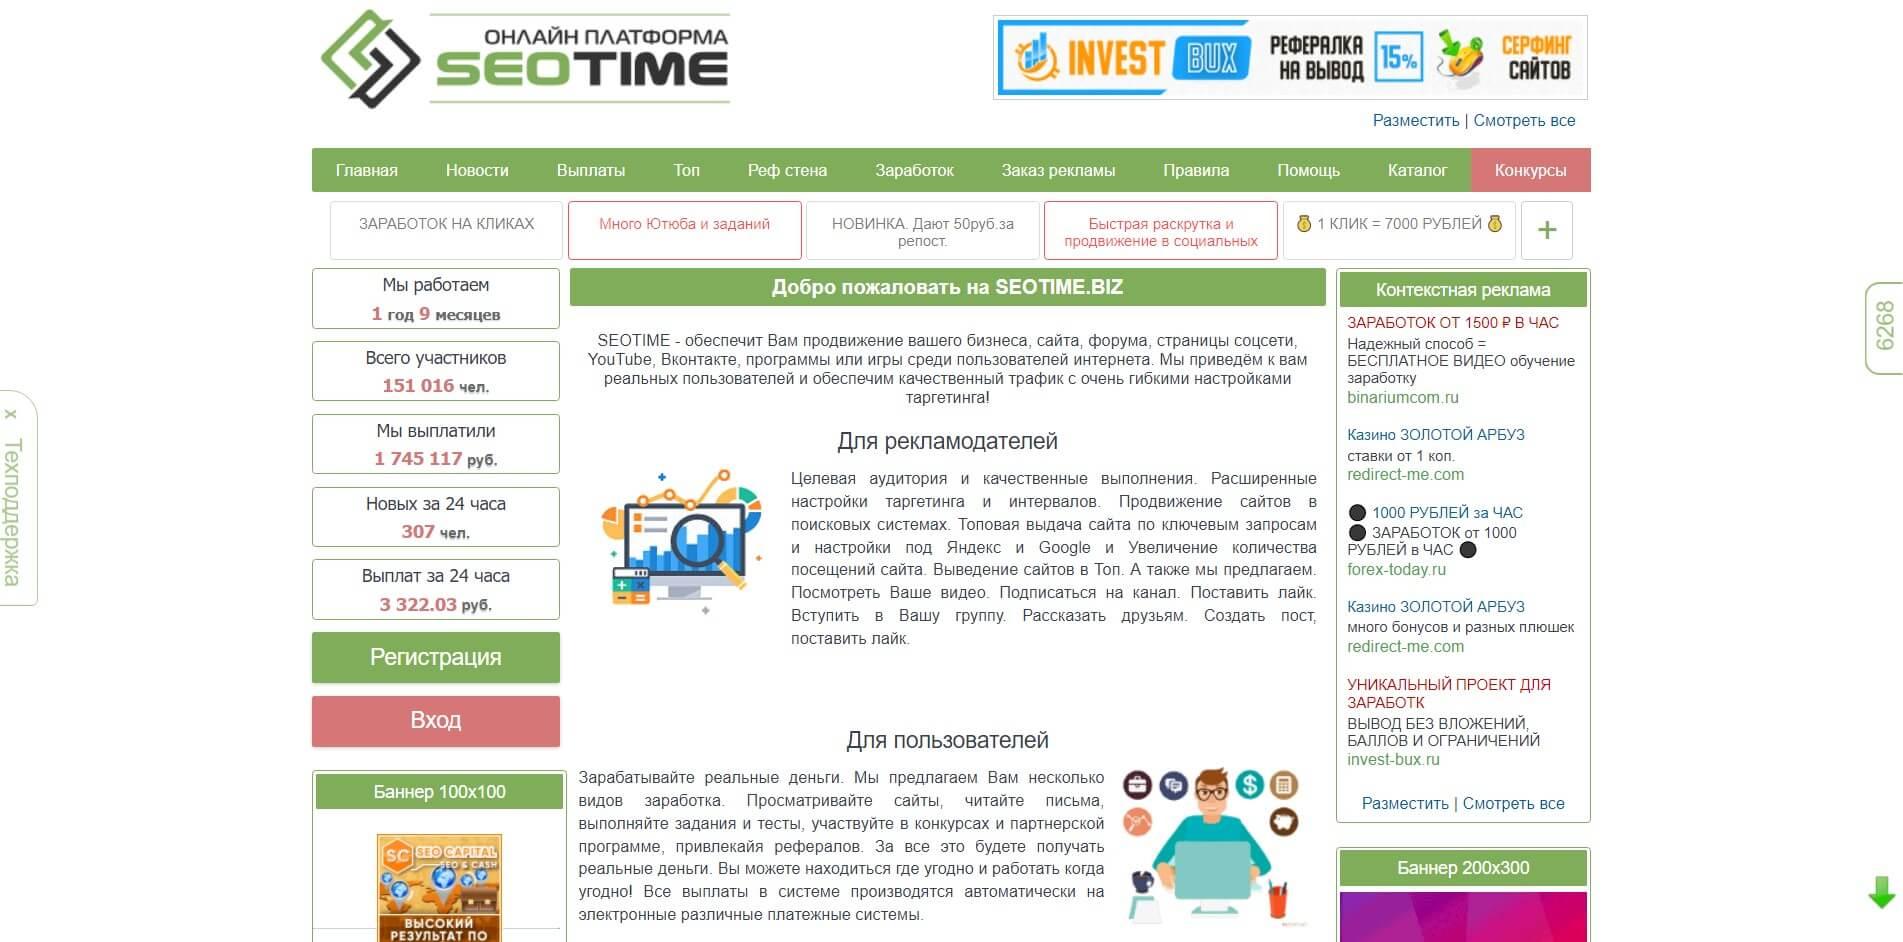 prosmotr-reklamy-za-dengi-seotime-biz